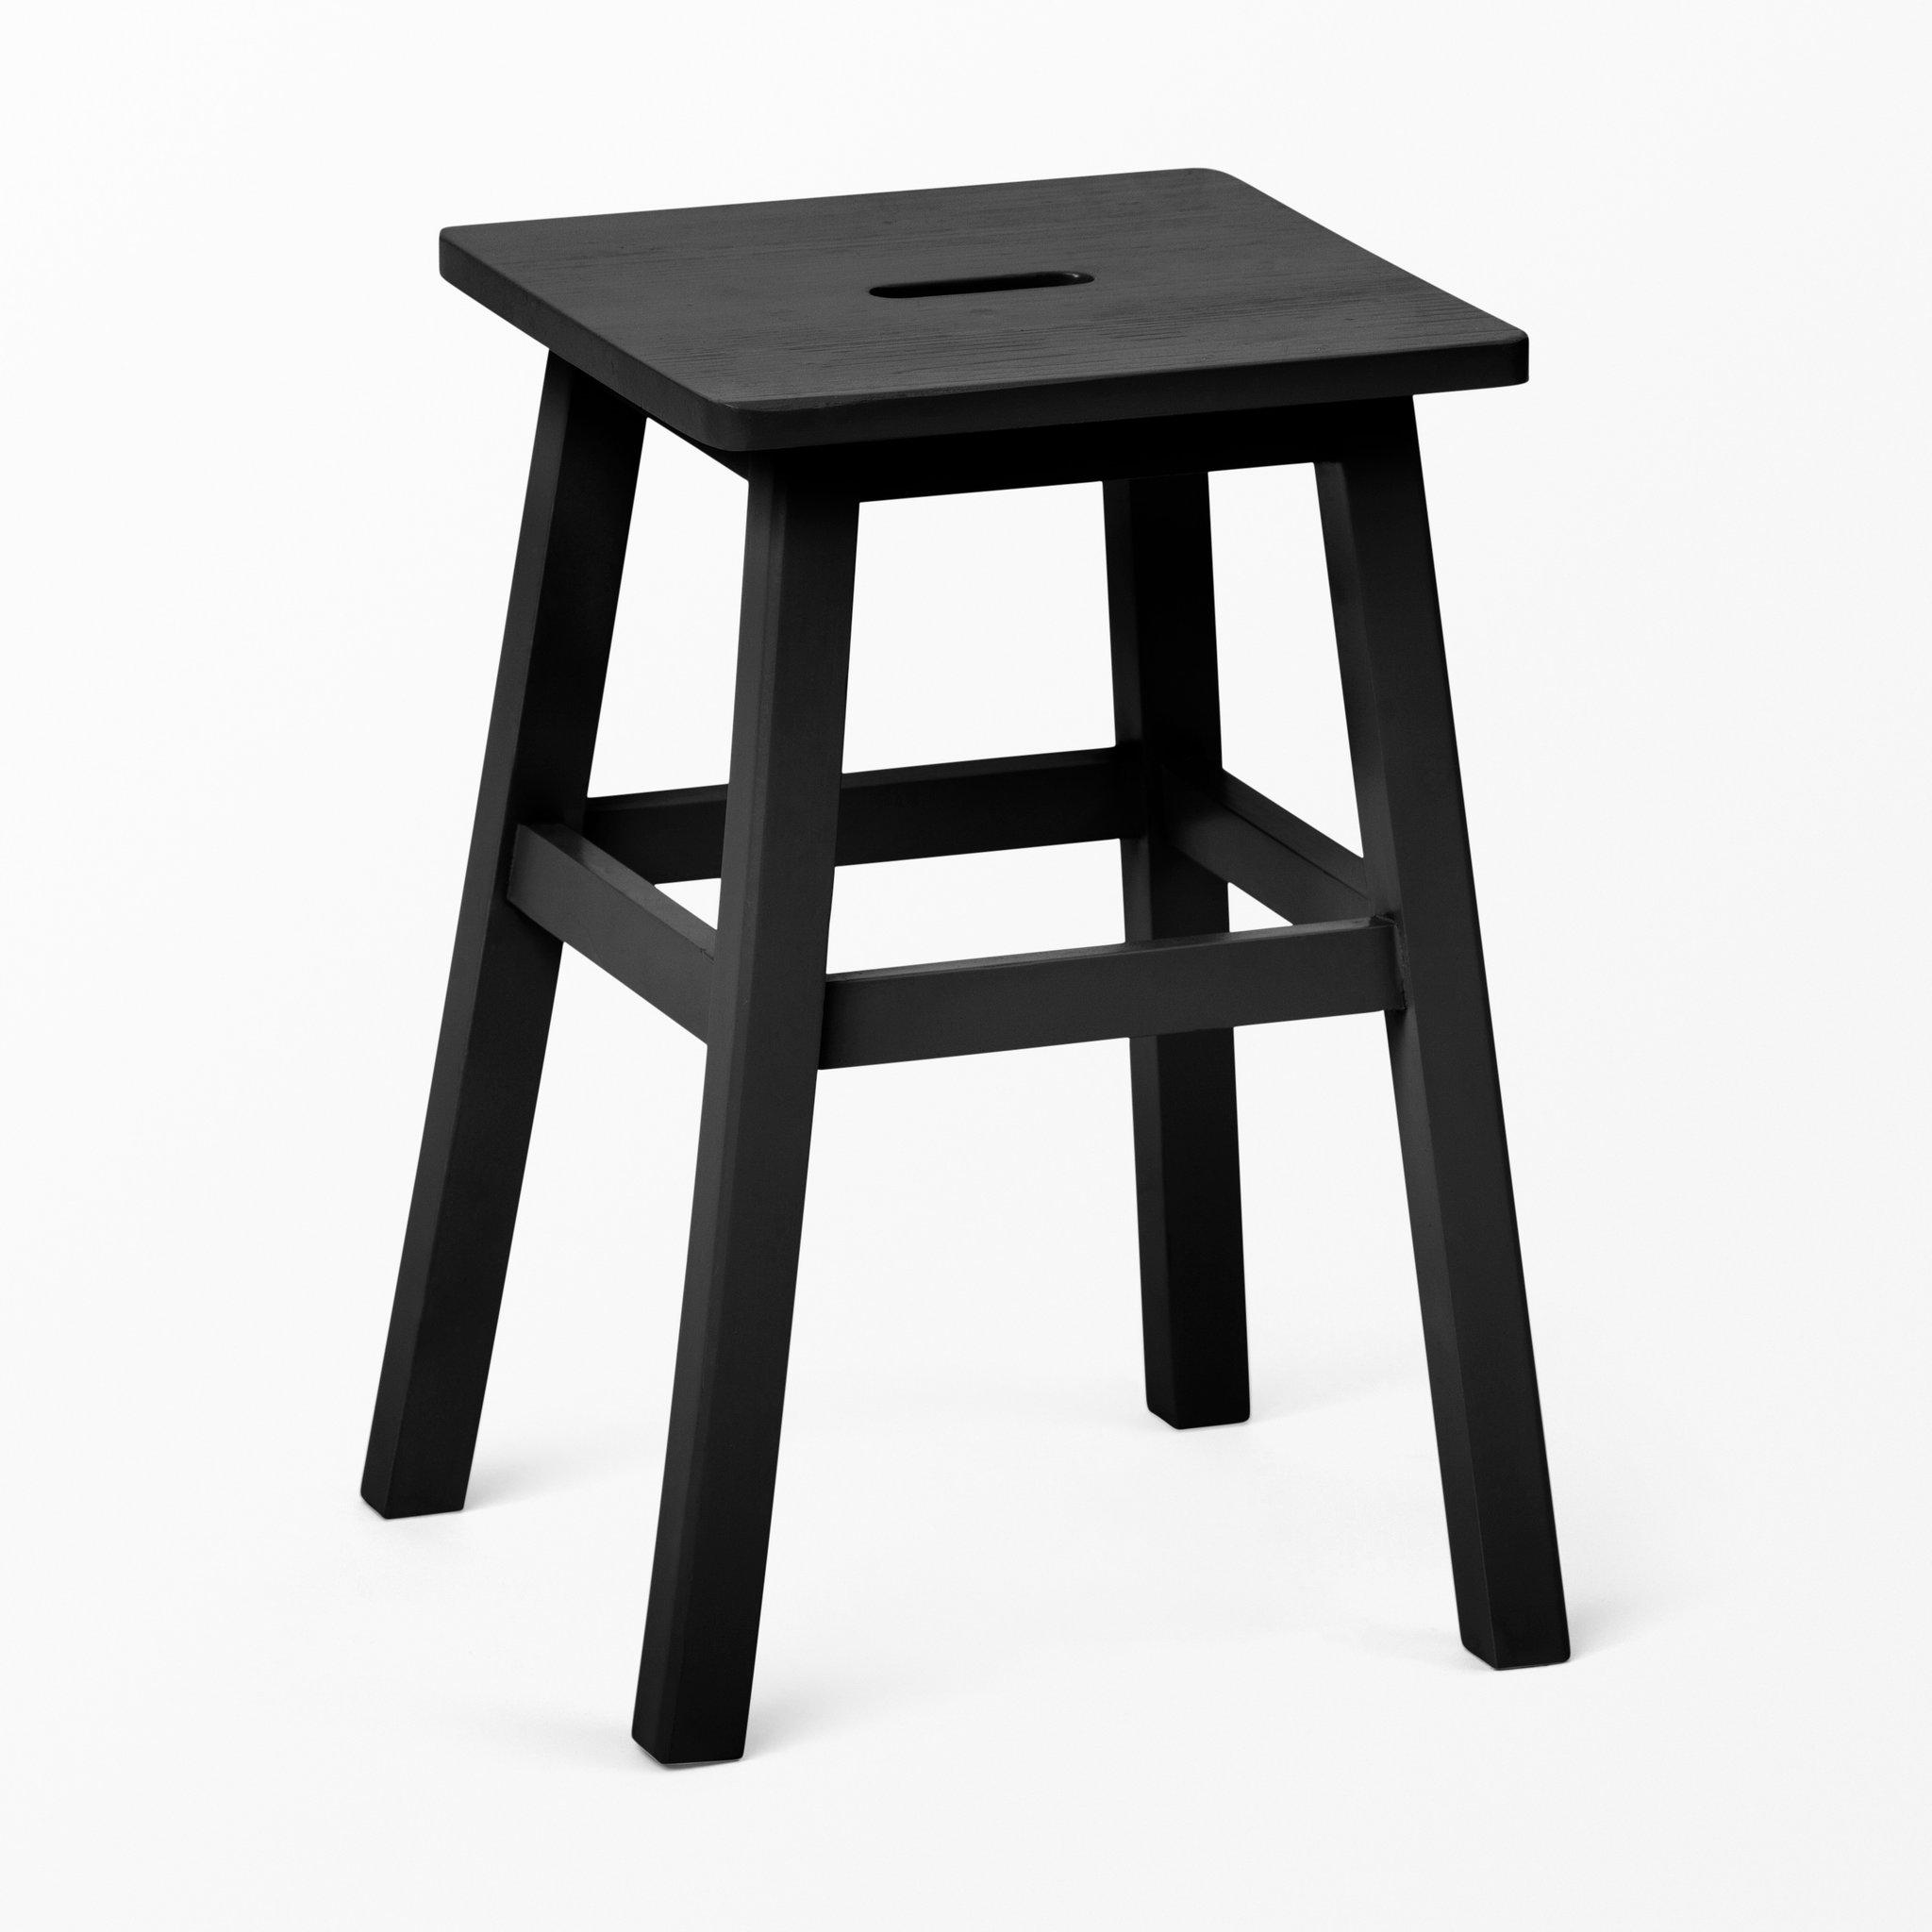 Pall fia, 48x30 cm   möbler  köp online på åhlens.se!